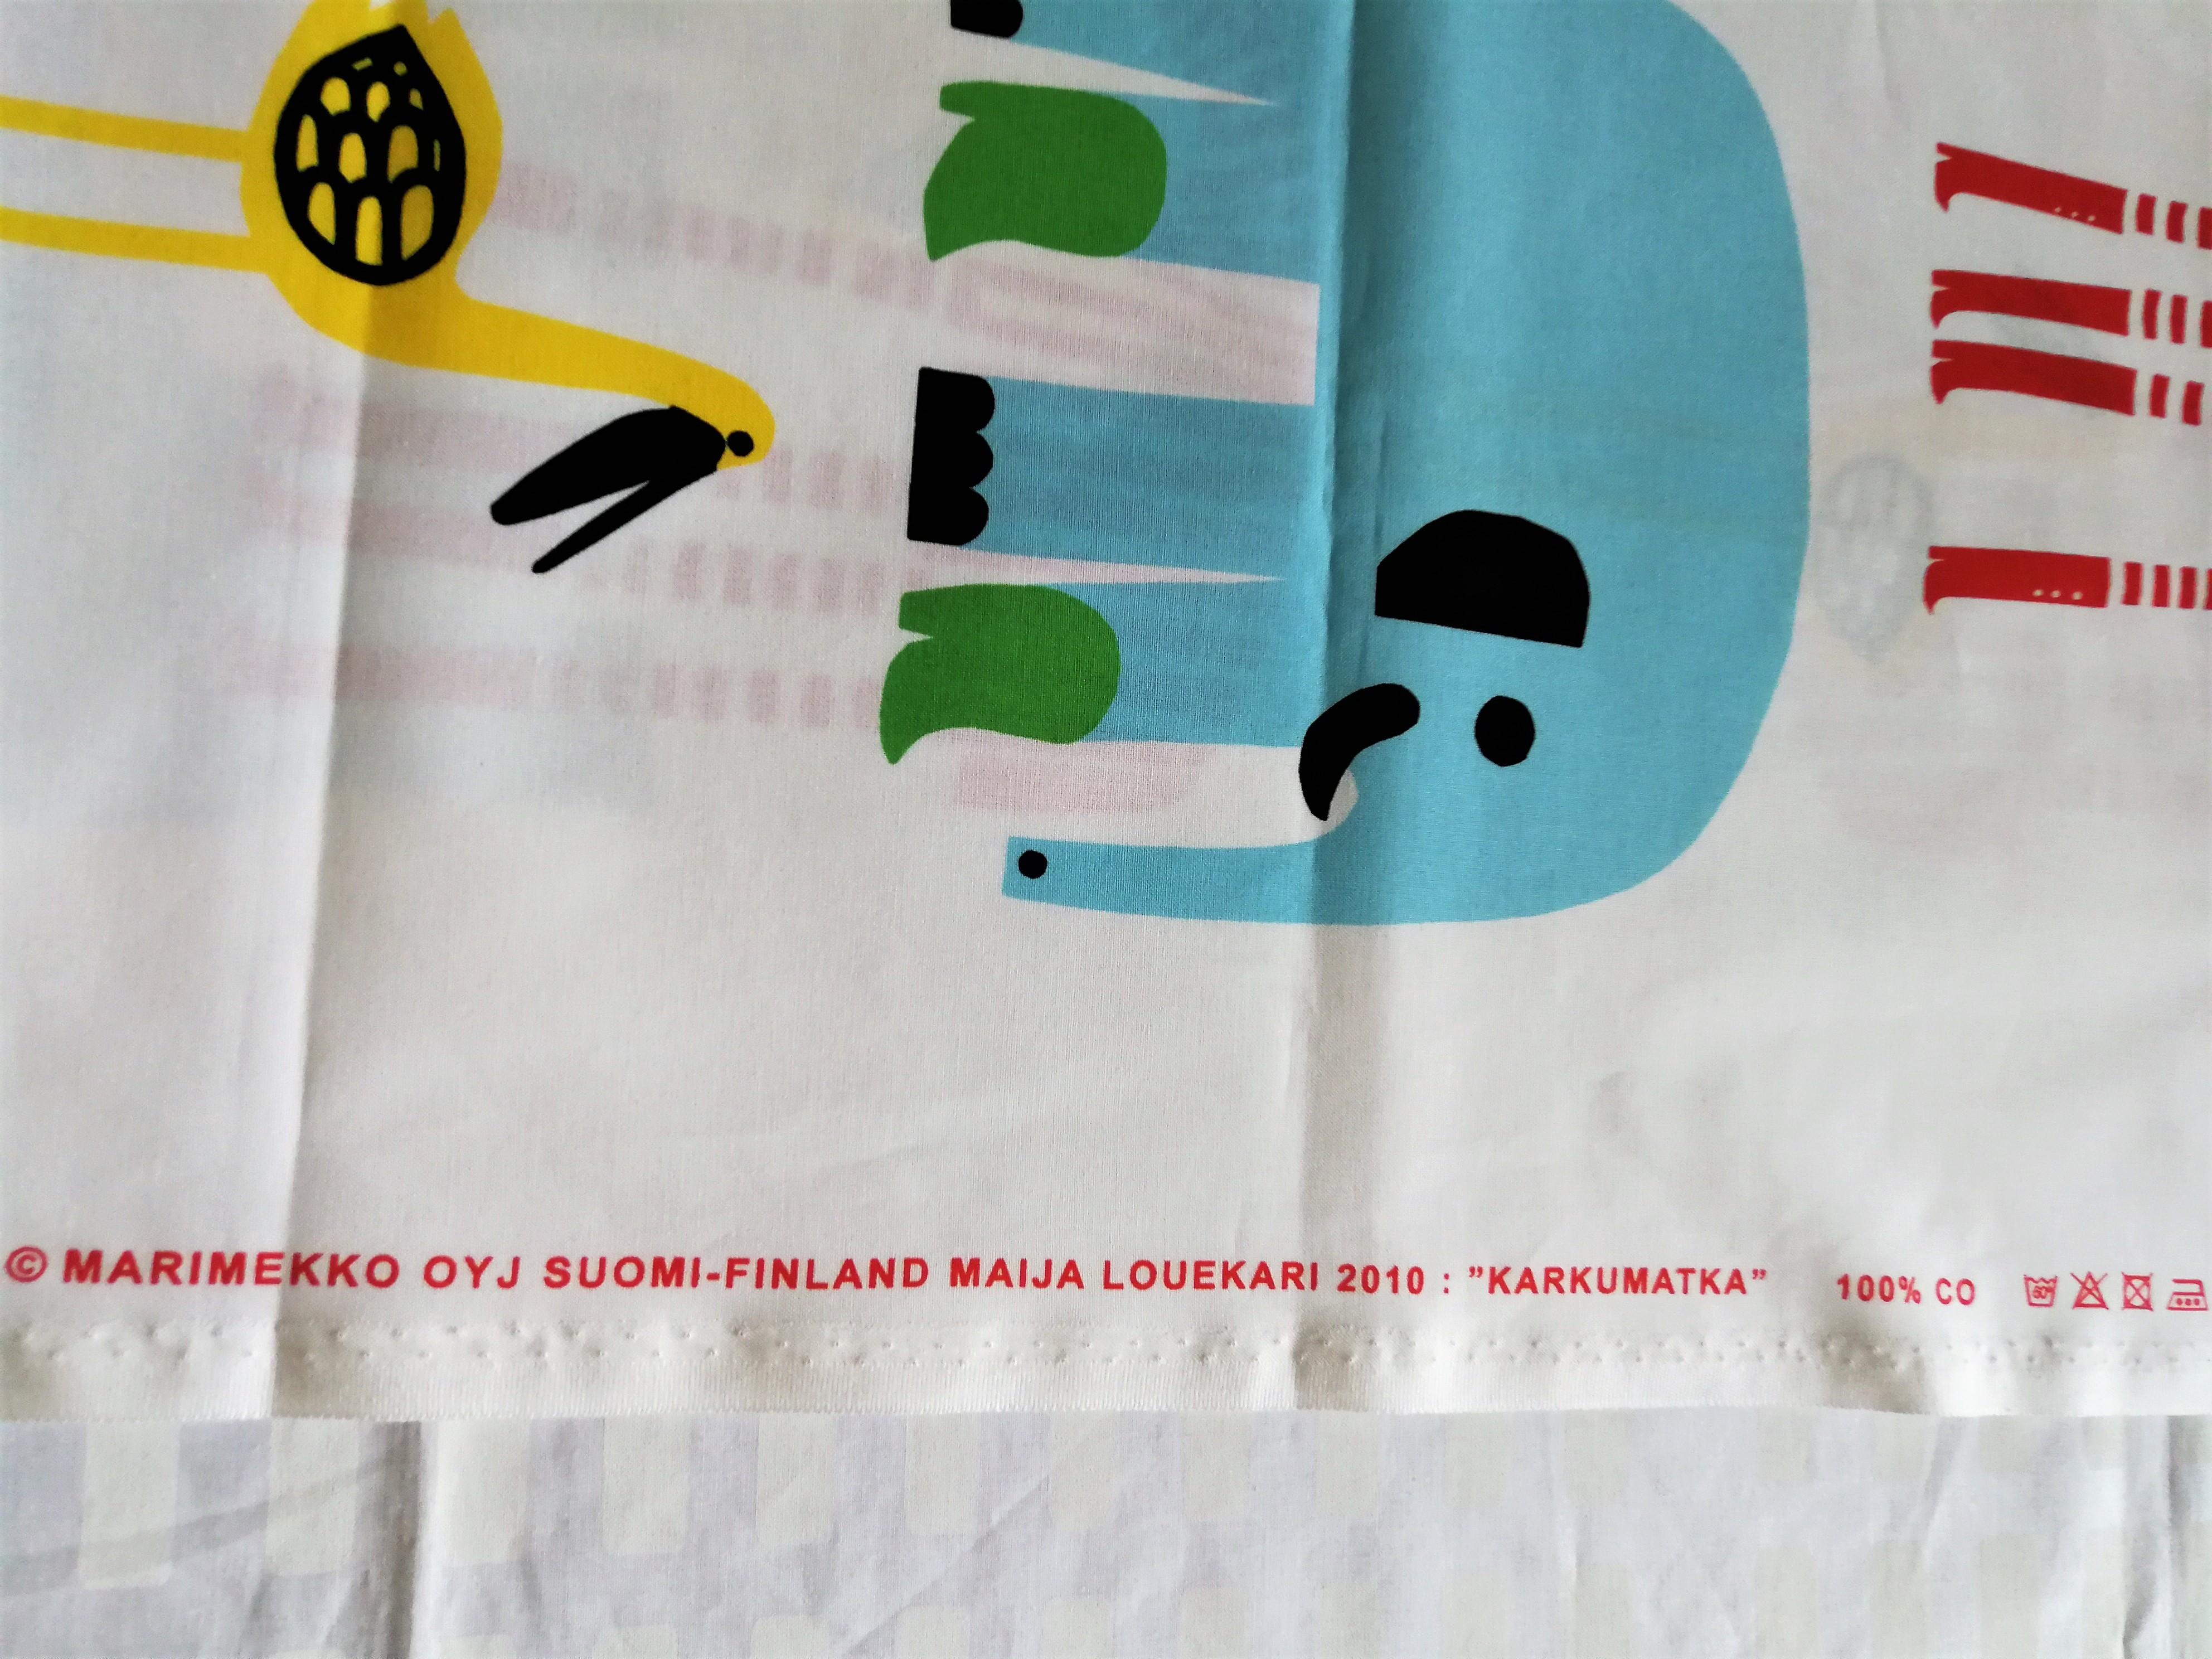 テキスタイル / マリメッコ /   KARKUMATKA カルクマトゥカ  / コットン (50cm x 73cm)